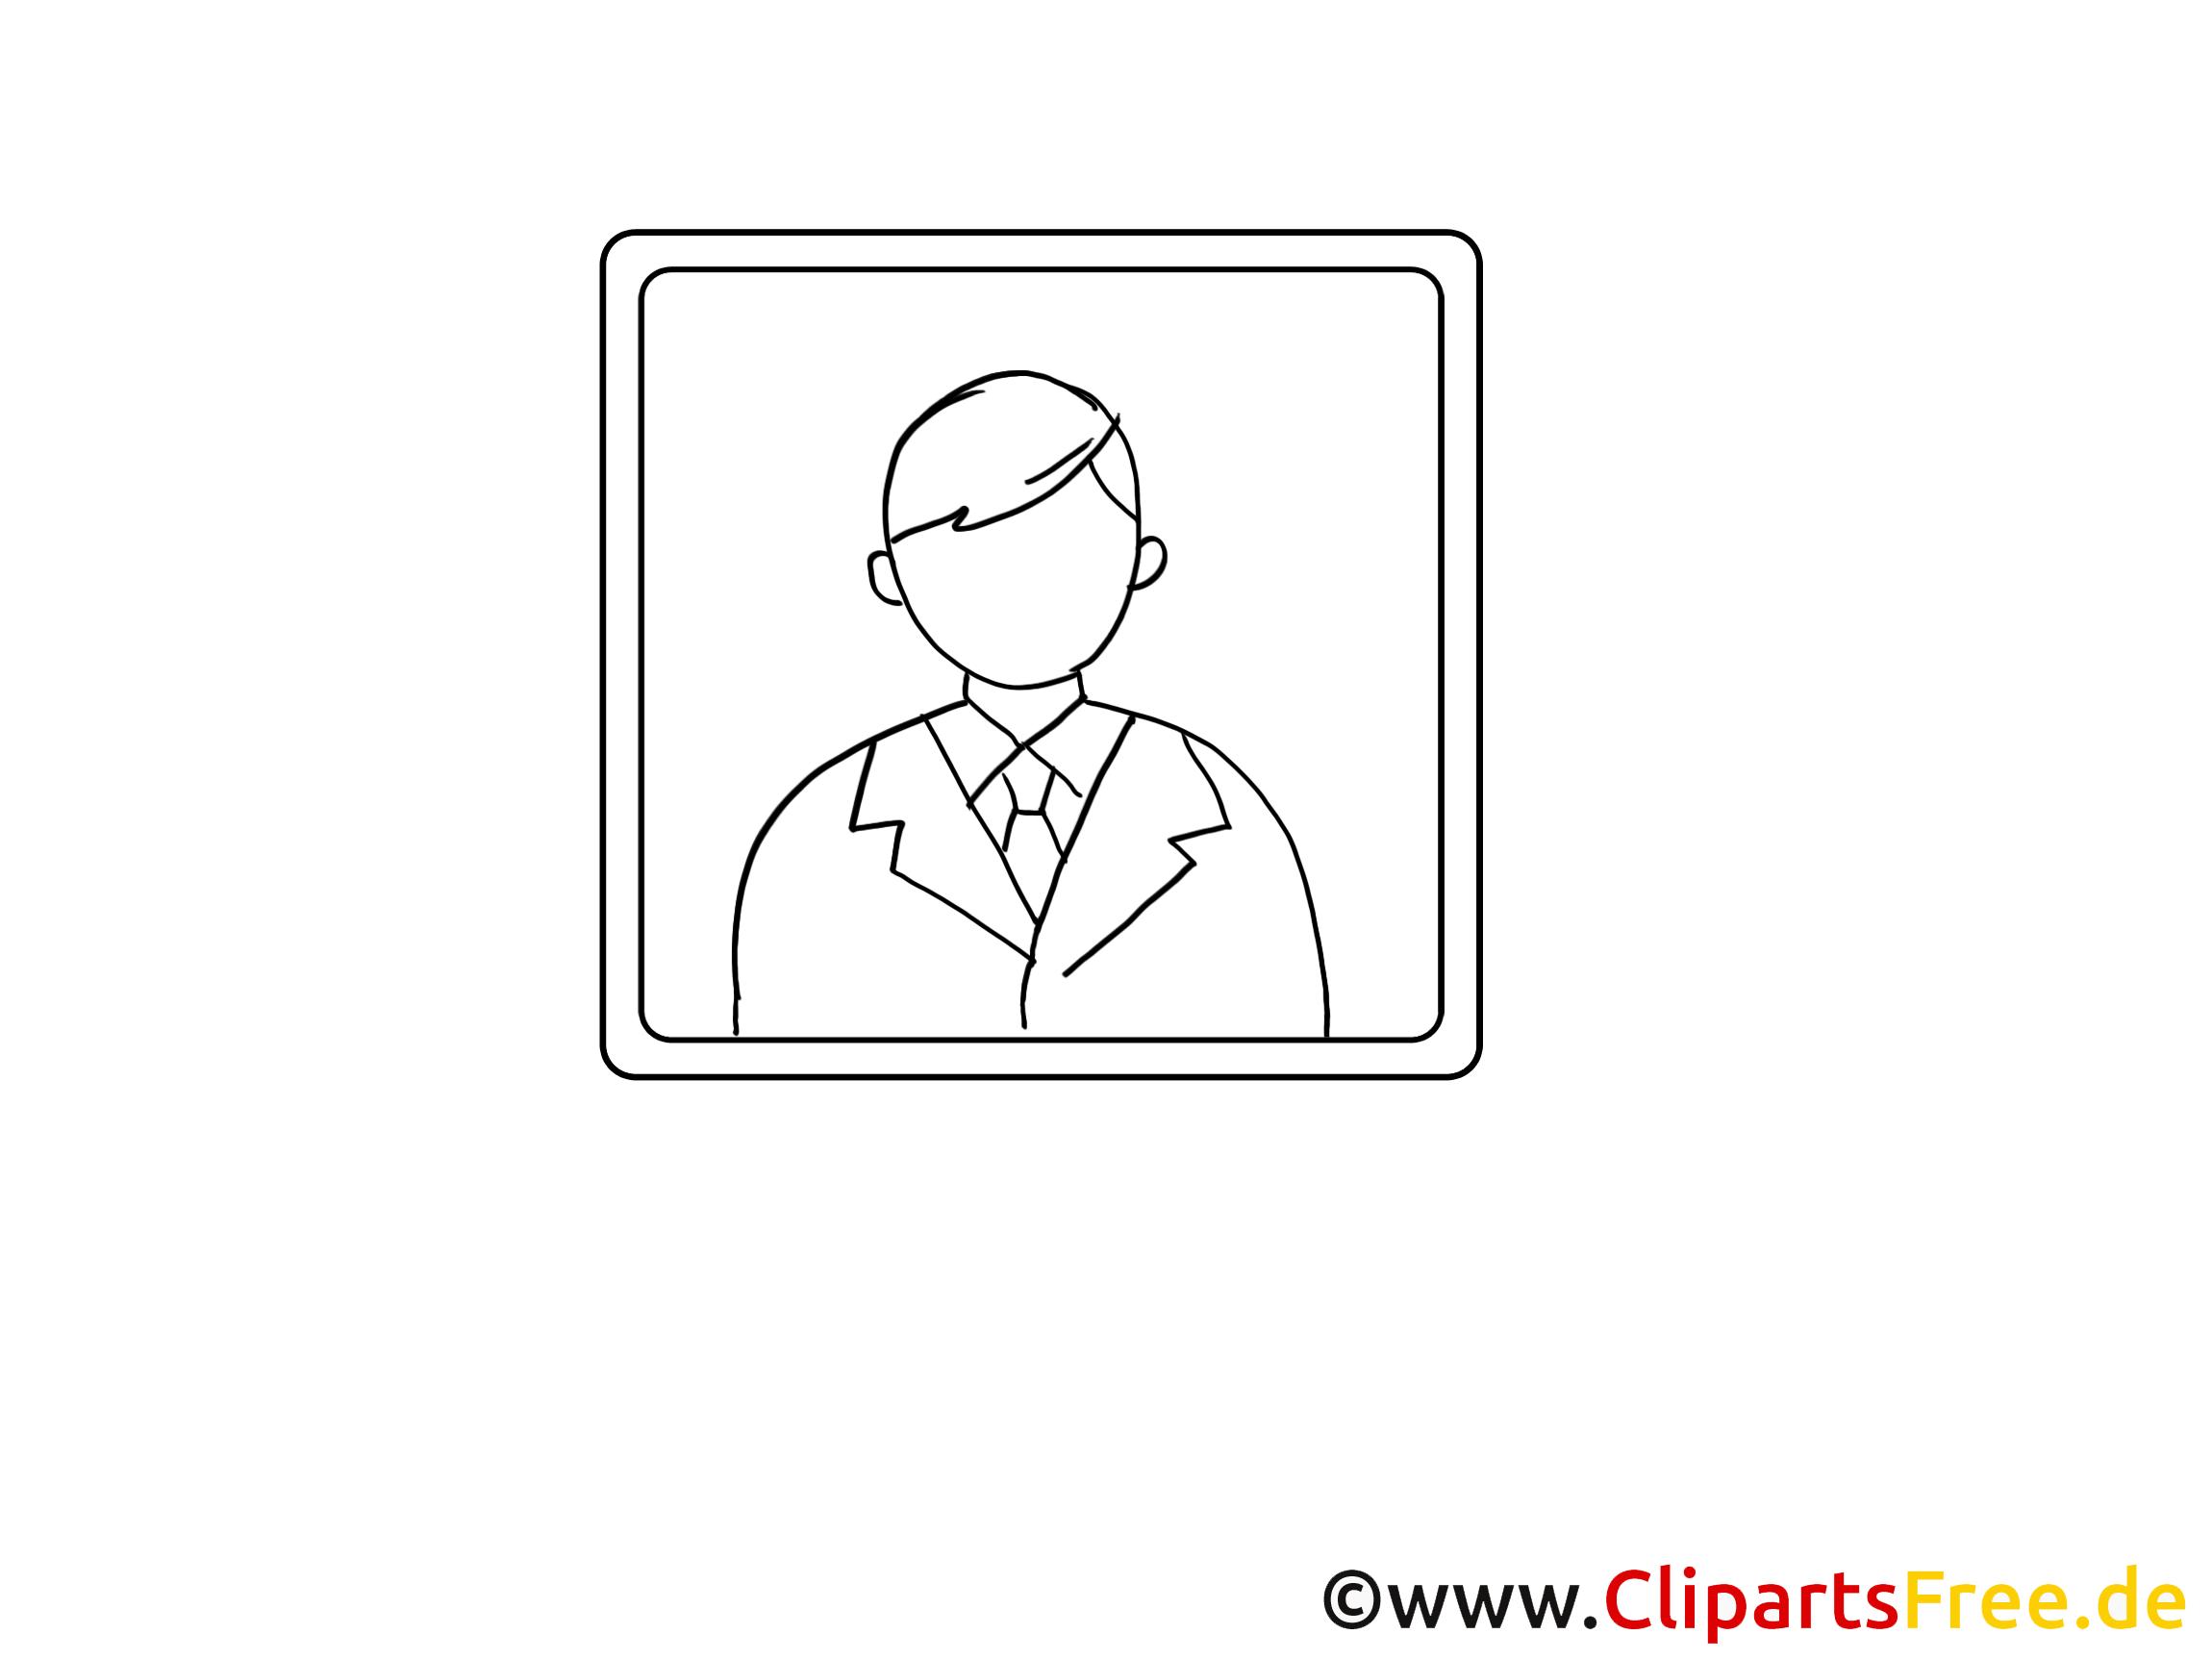 Homme images - Icône dessins gratuits